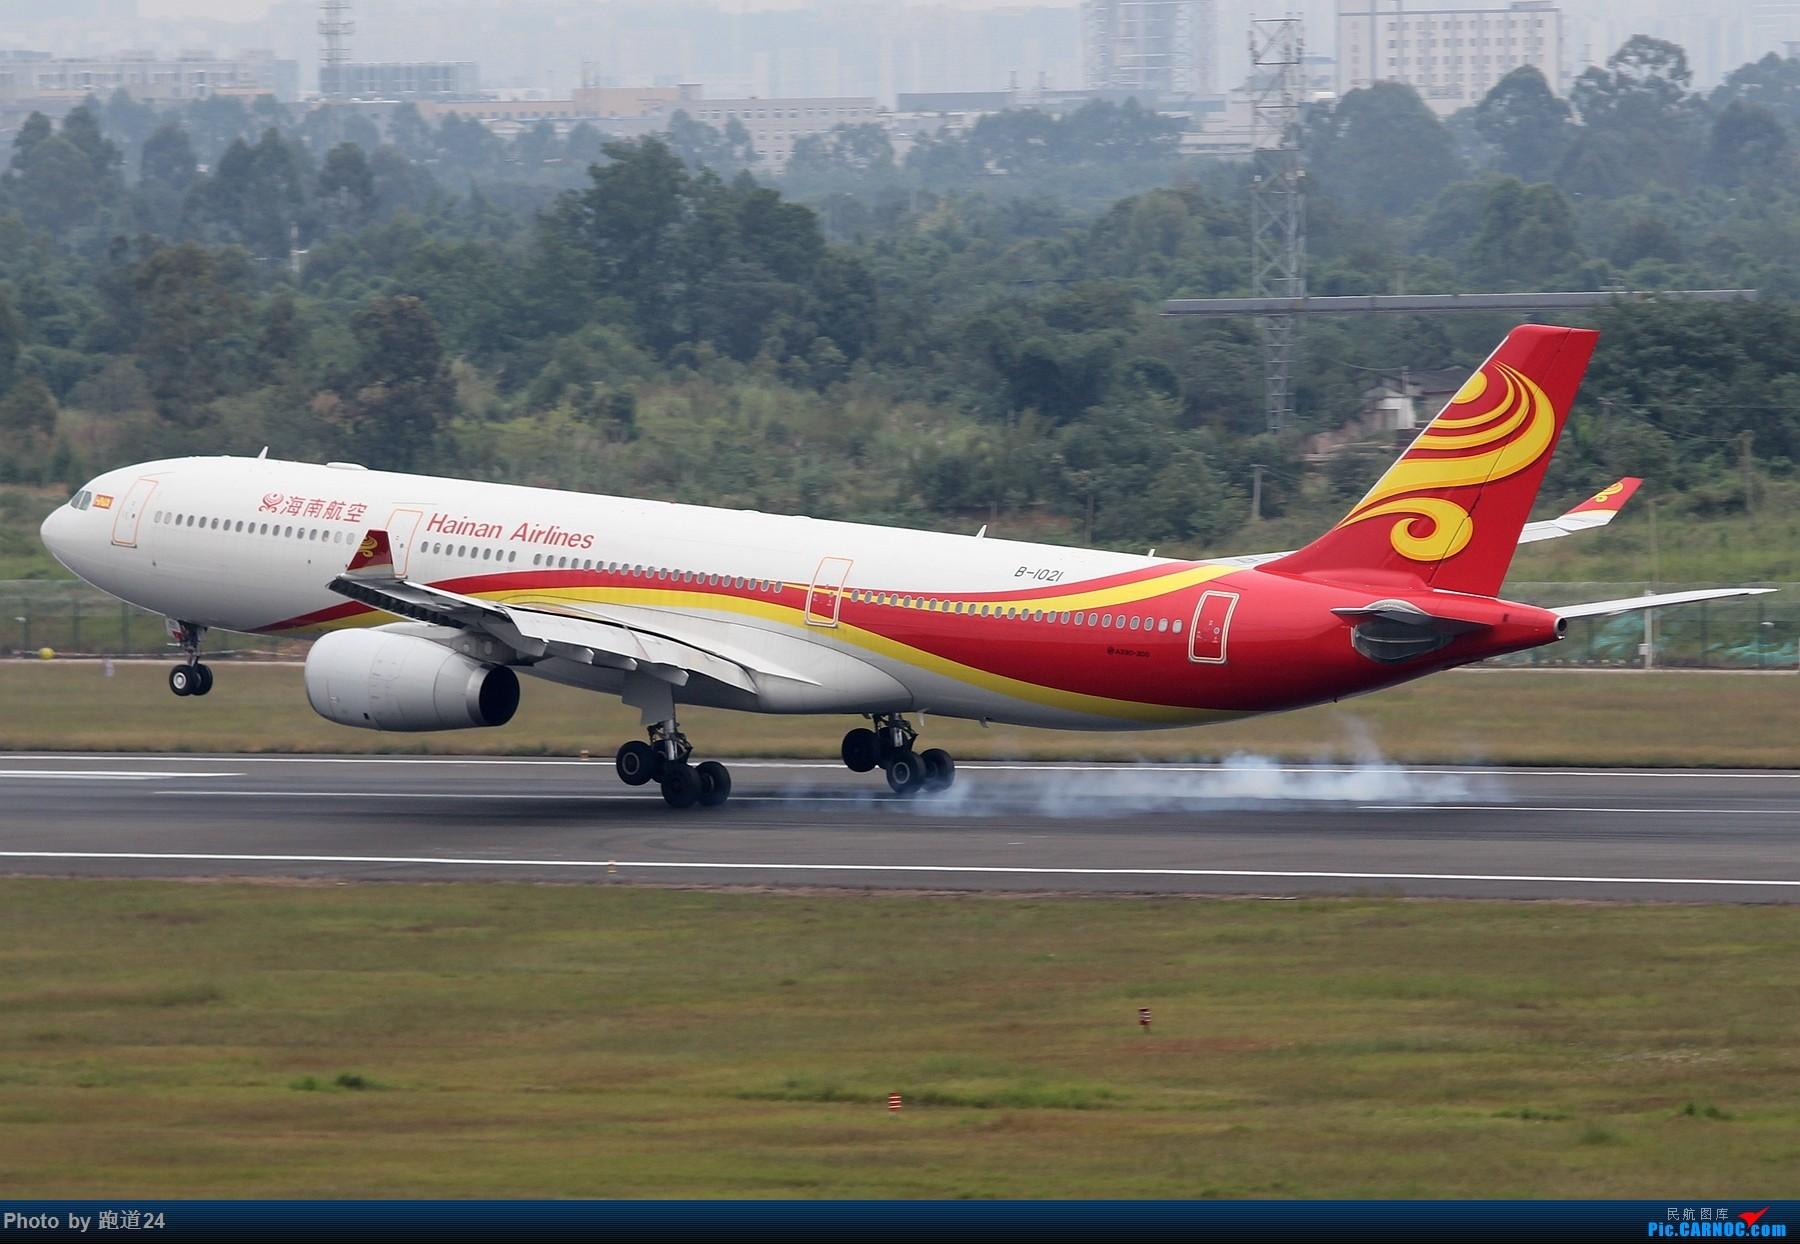 Re:[原创][原创]【多图党】国庆烂天10.7拍机 1800*1200 AIRBUS A330-300 B-1021 中国成都双流国际机场